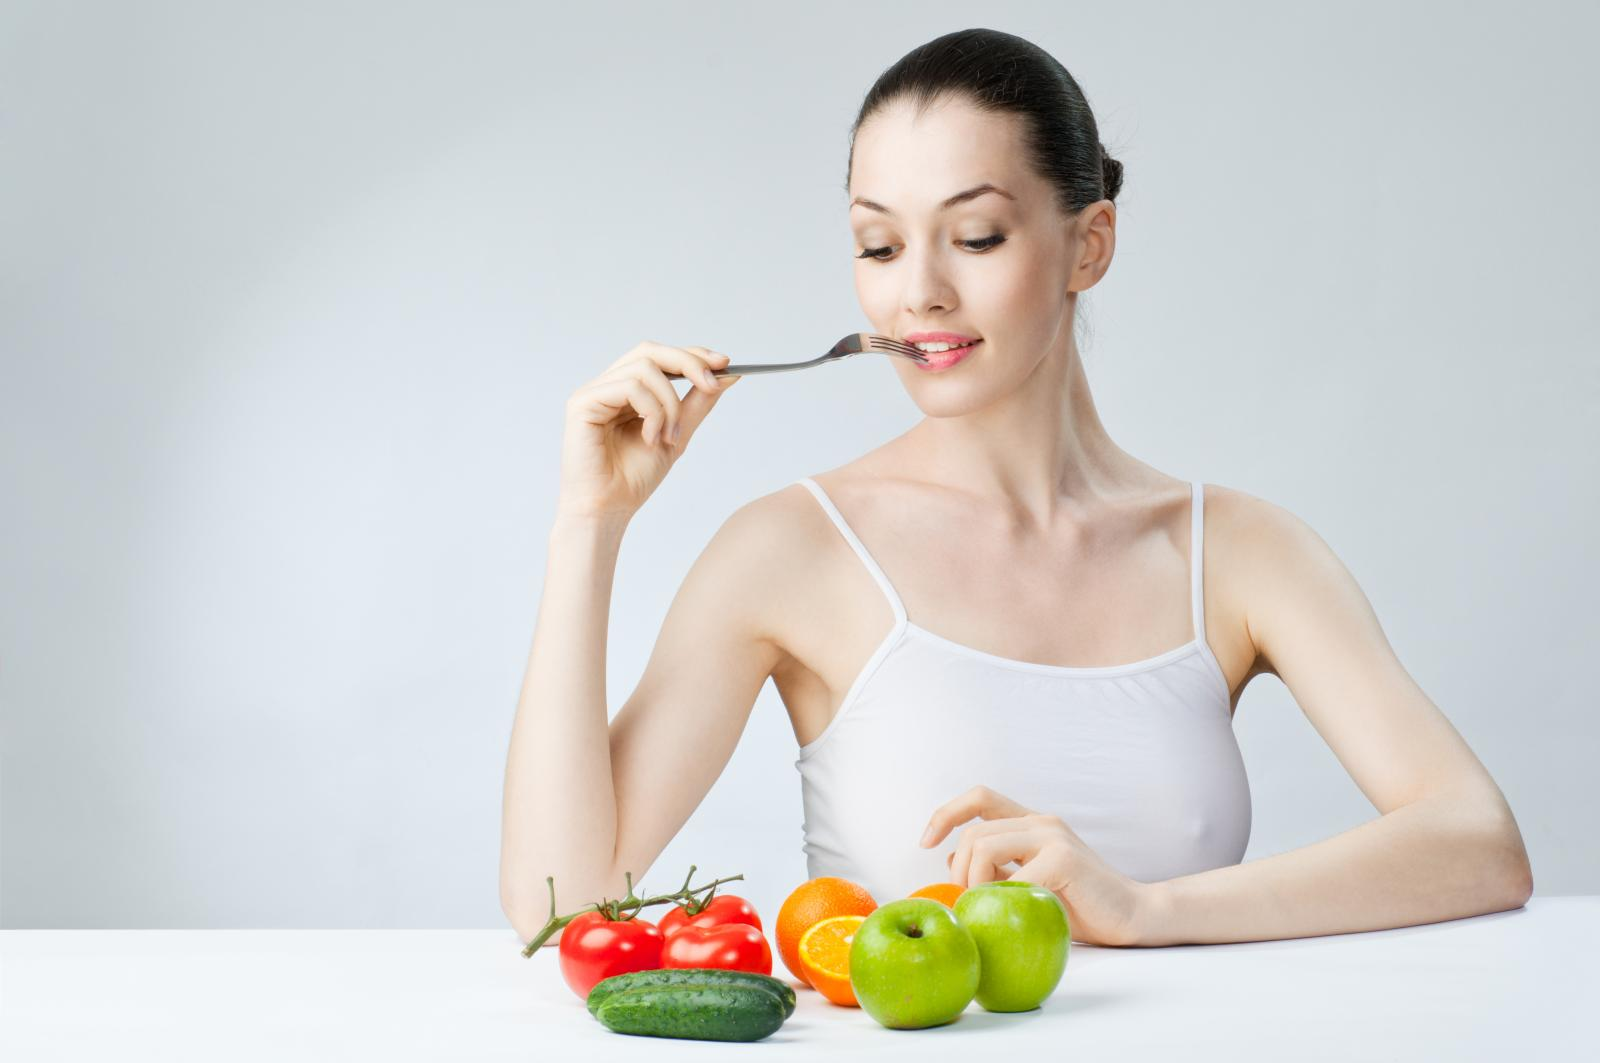 Диеты Которые Легко Соблюдать. 💊 5 несложных диет для похудения в домашних условиях